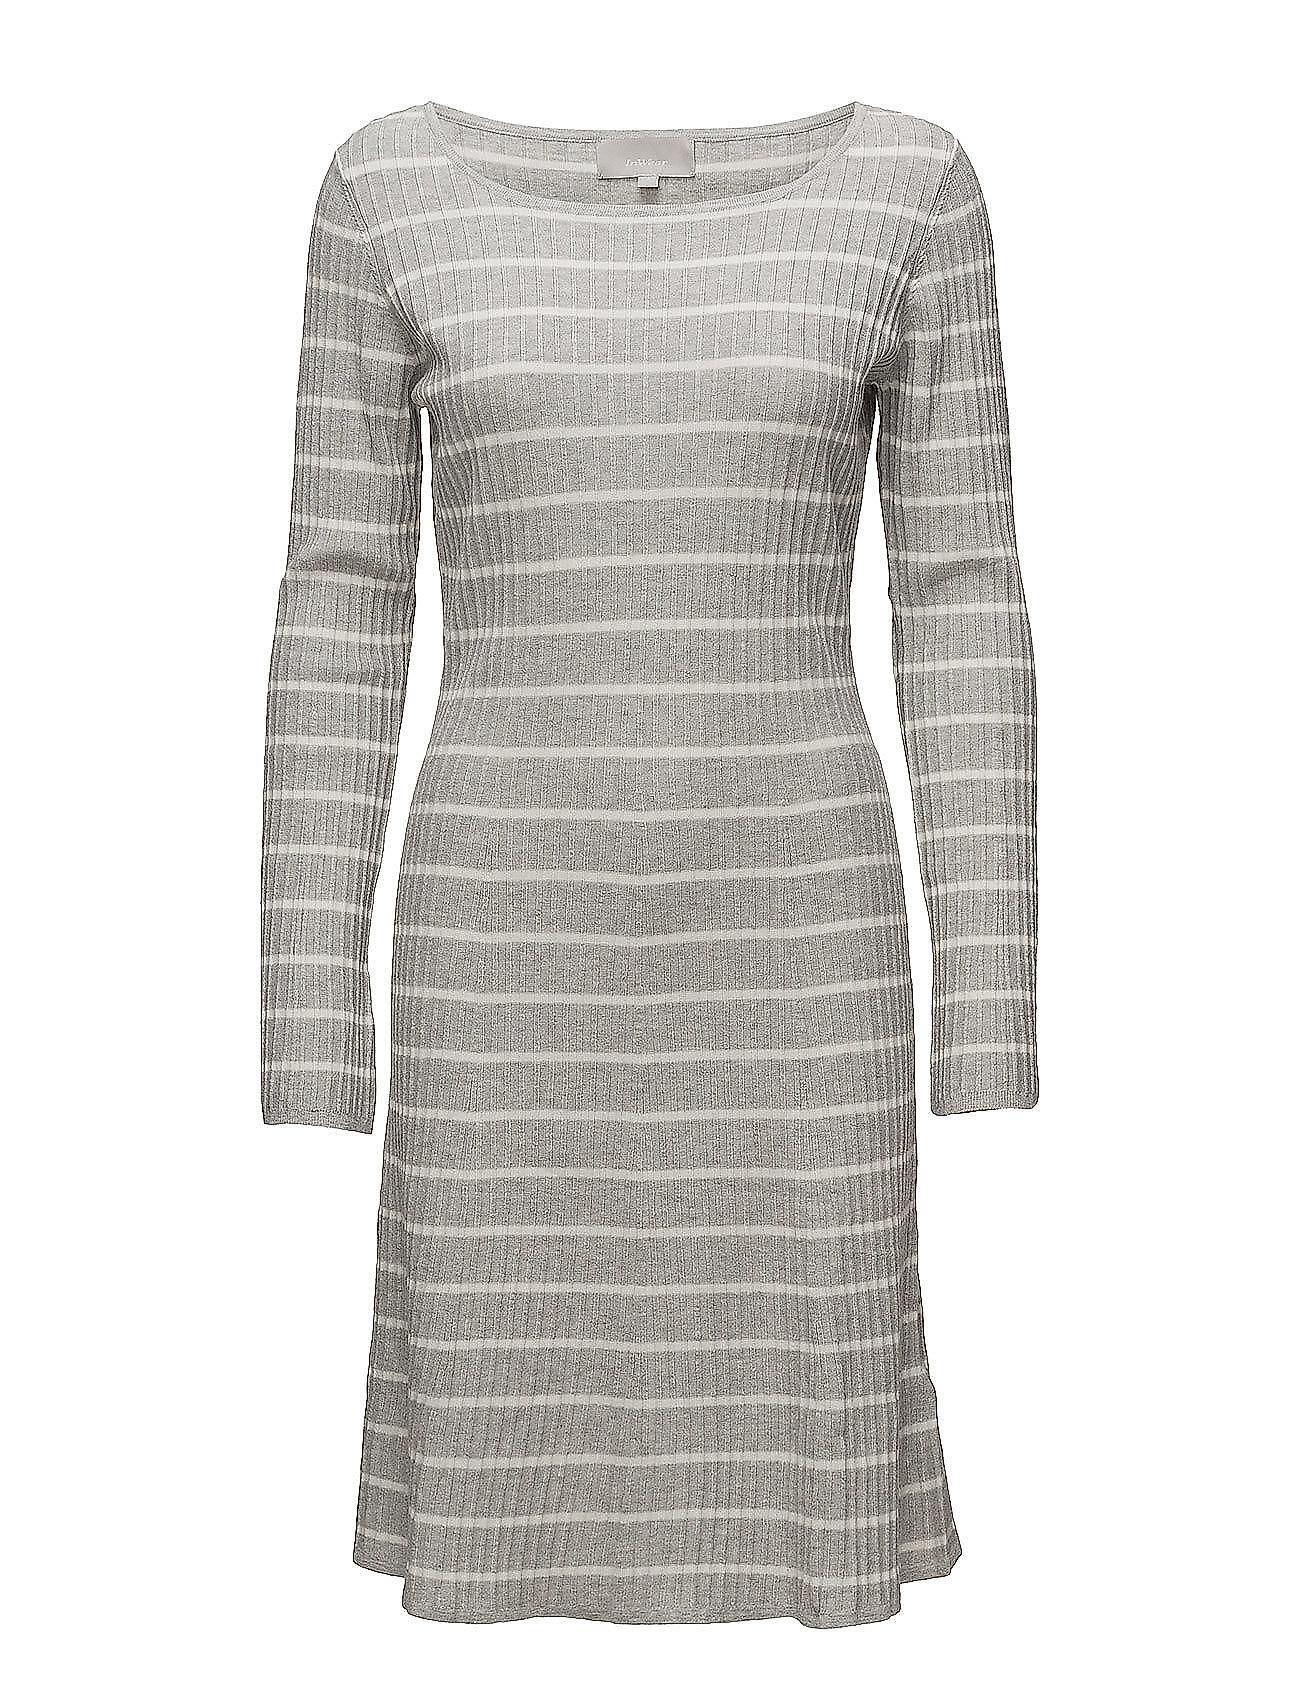 Image of Tua Dress (2928962139)